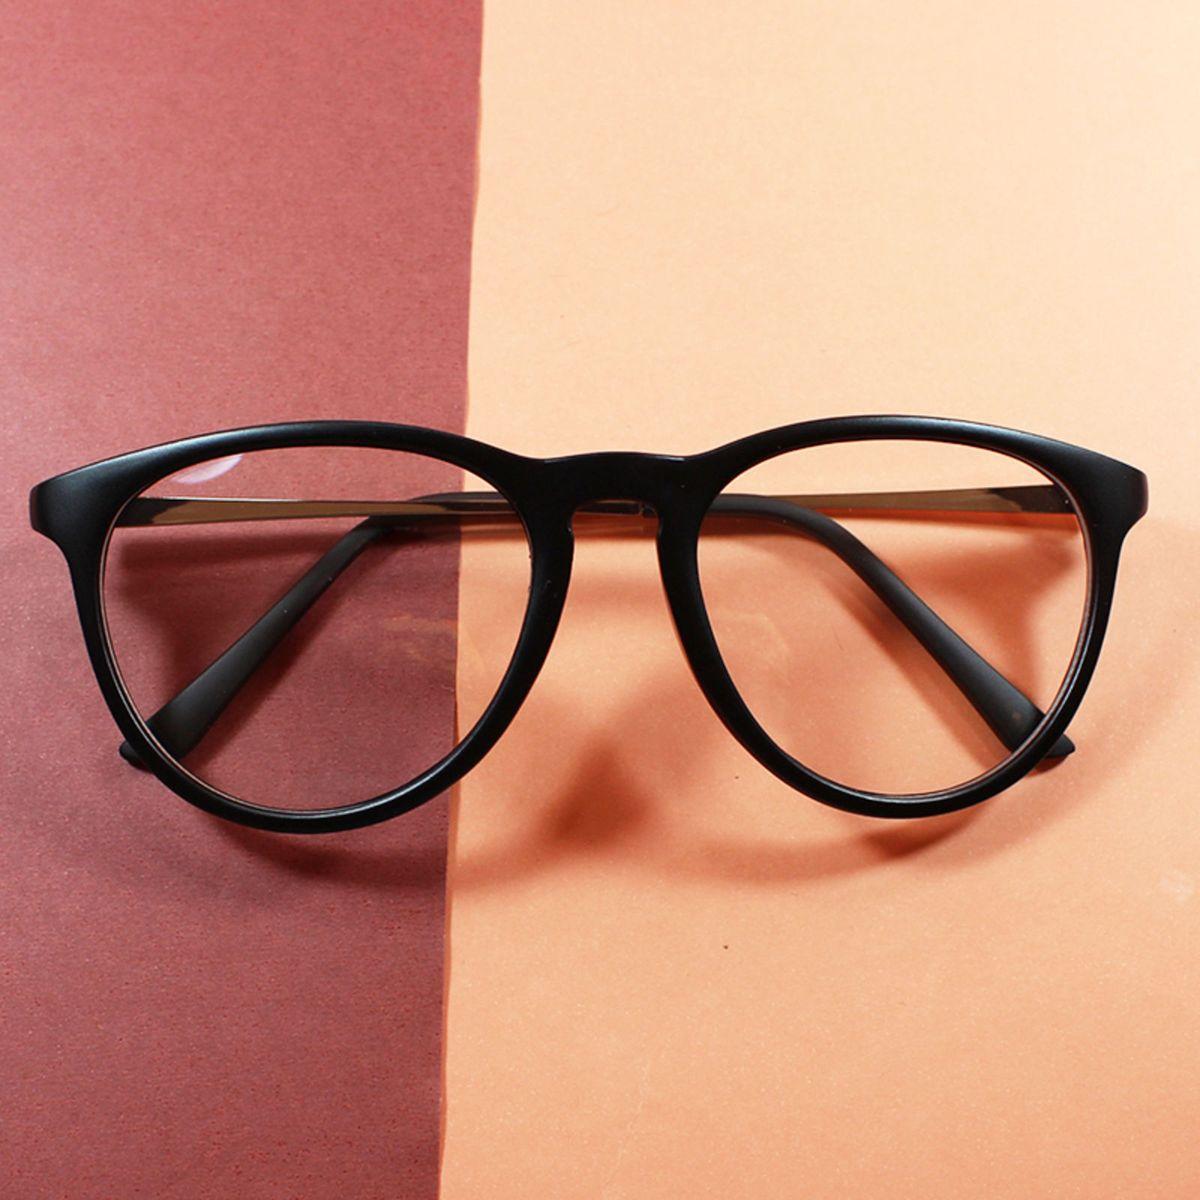 armação óculos grau feminina clássica redonda preto - óculos sem marca b787d42340